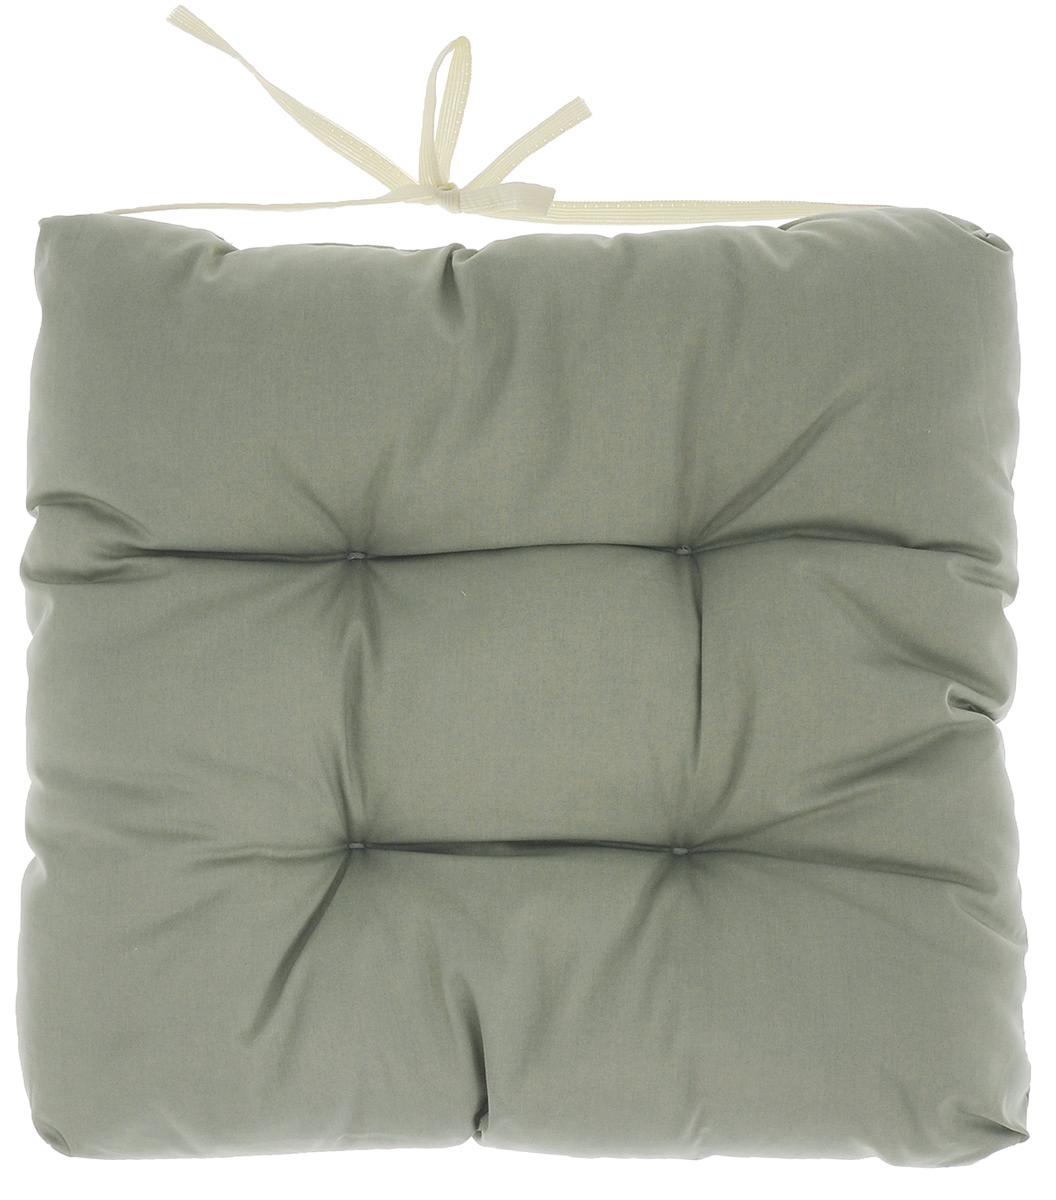 Подушка на стул Eva, объемная, цвет: серо-зеленый, 40 х 40 смVT-1520(SR)Подушка Eva, изготовленная из хлопка, прослужит вам не один десяток лет. Внутри - мягкий наполнитель из полиэстера. Стежка надежно удерживает наполнитель внутри и не позволяет ему скатываться. Подушка легко крепится на стул с помощью завязок. Правильно сидеть - значит сохранить здоровье на долгие годы. Жесткие сидения подвергают наше здоровье опасности. Подушка с наполнителем из полиэстера поможет предотвратить многие беды, которыми грозит сидячий образ жизни.